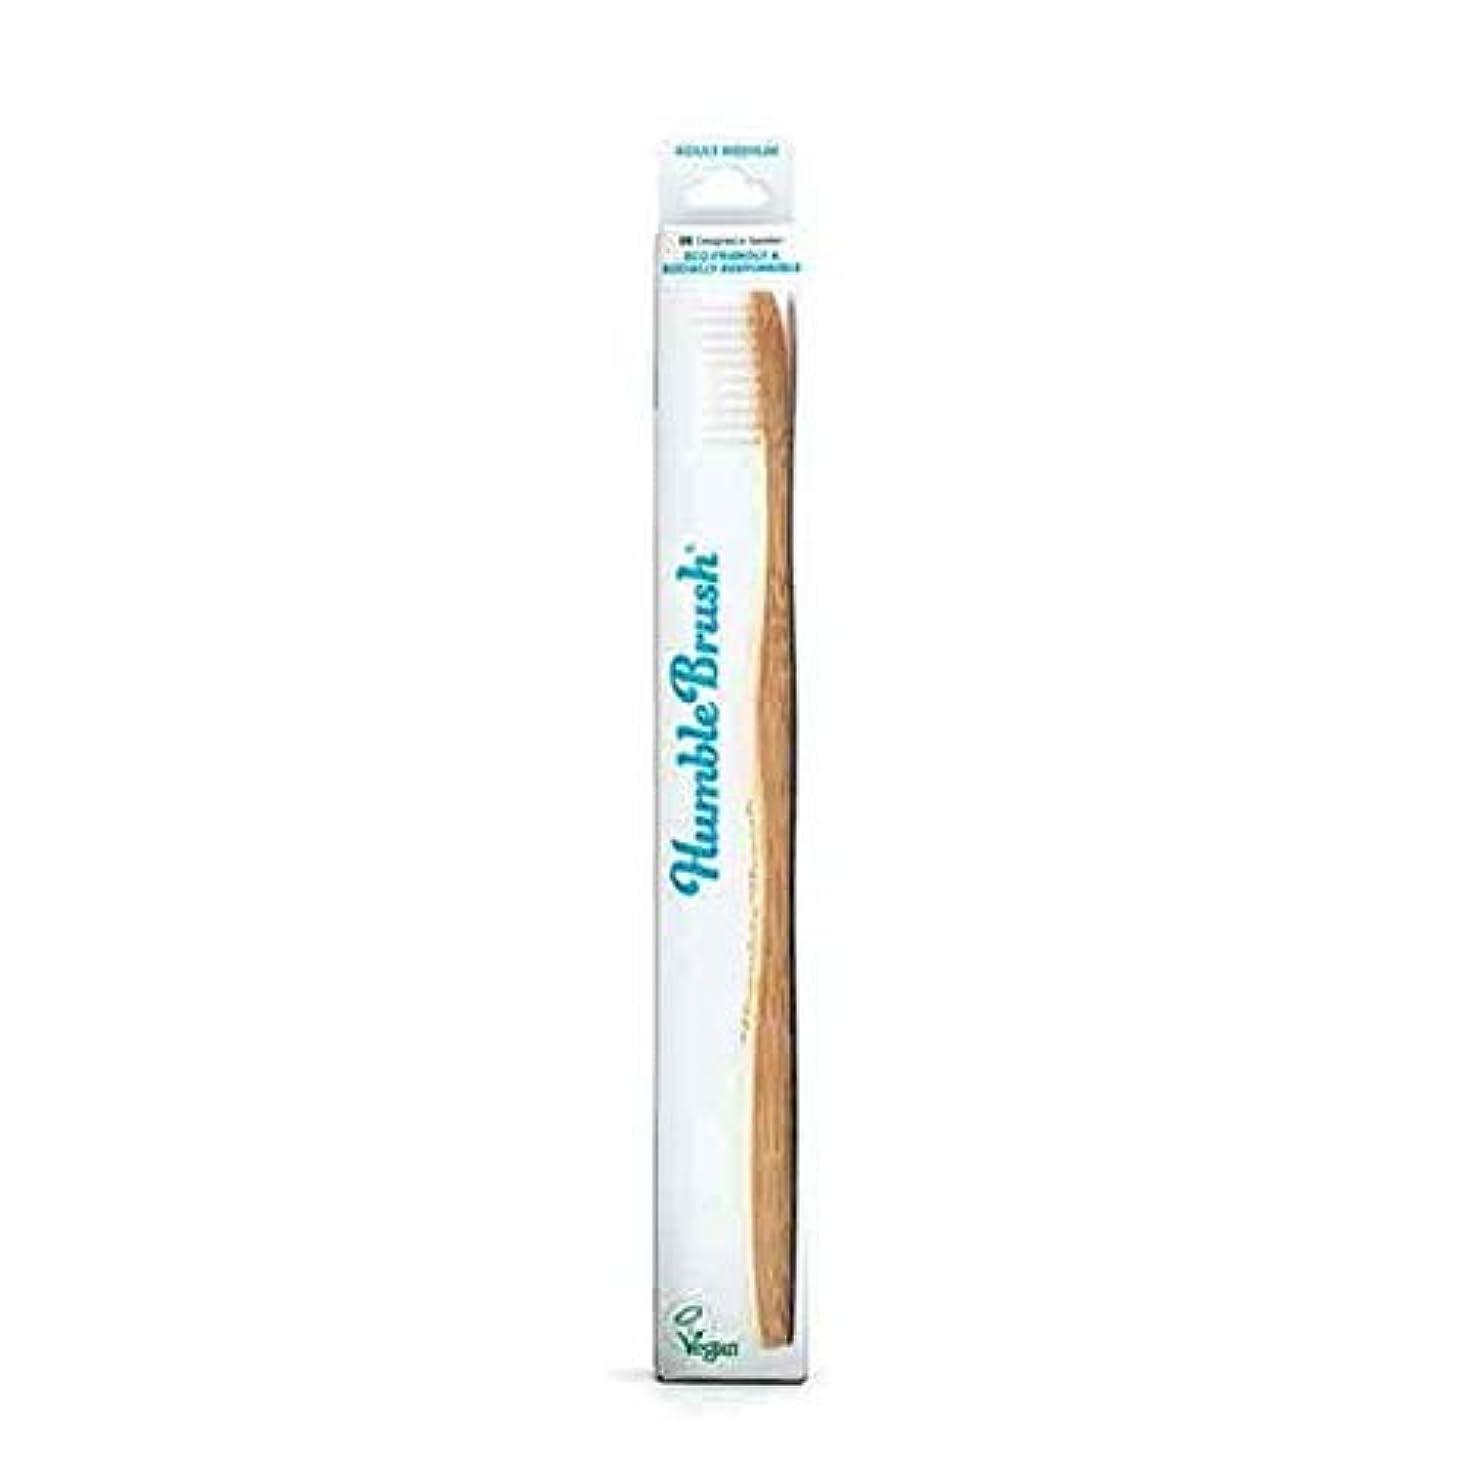 ママ直立配る[The Humble Co ] 謙虚なブラシ大人竹の歯ブラシ白 - Humble Brush Adults Bamboo Toothbrush White [並行輸入品]